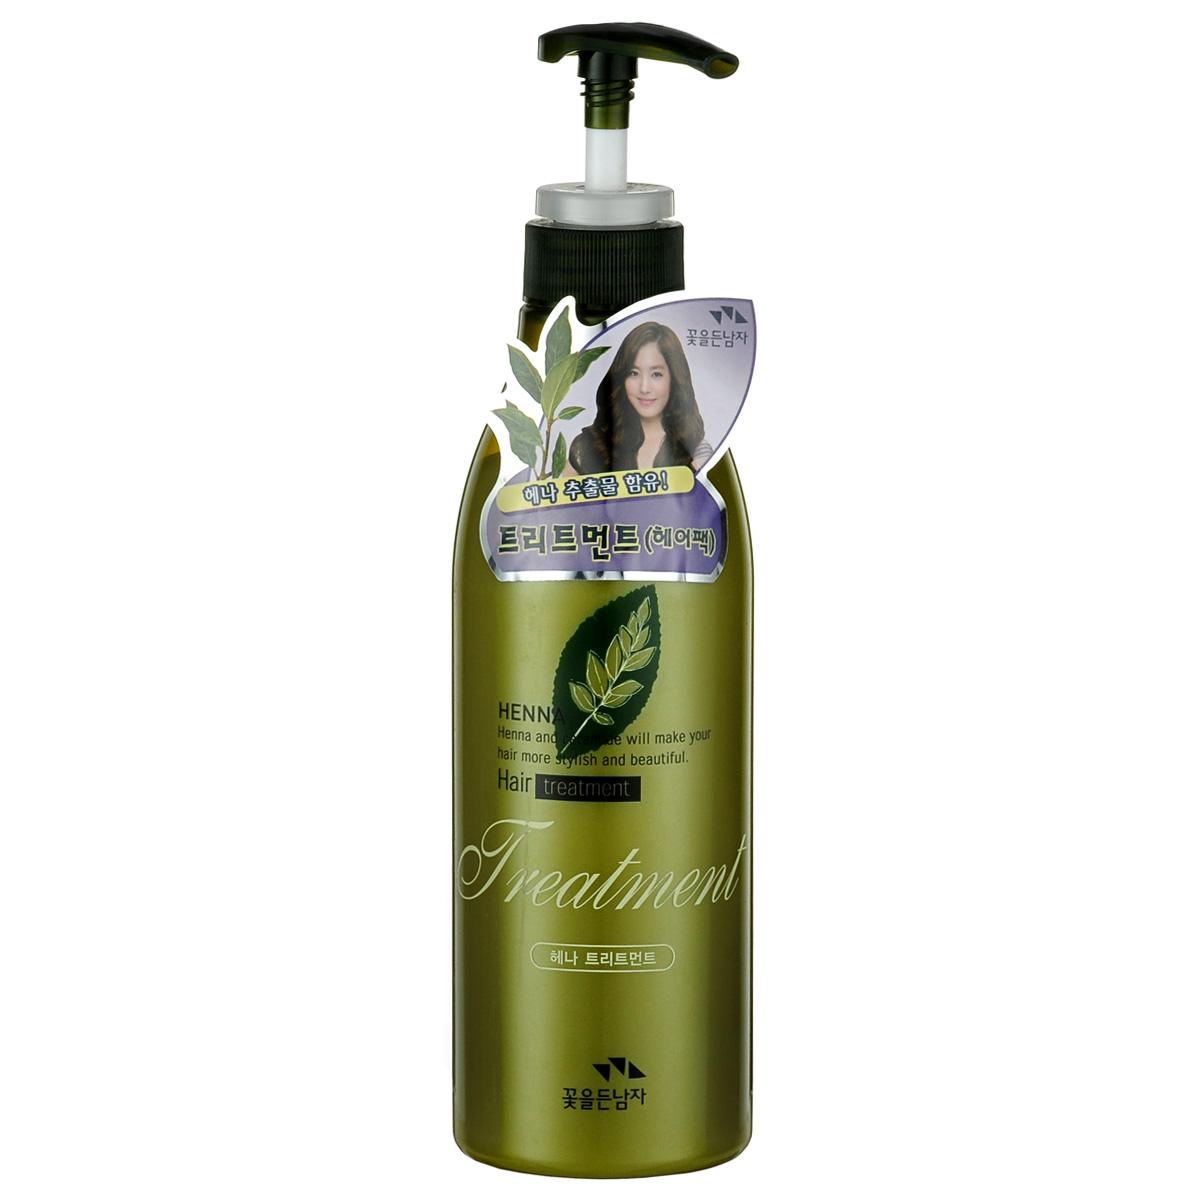 Somang Henna Маска для волос, 500 мл001016Для ослабленных и проблемных волос. Укрепляет кутикулу, питает волосы от корней до кончиков, благотворно влияет на кожу головы. Содержит керамид. Для всех типов волос. Хна (Henna) используется в медицине и косметологии на протяжении тысяч лет. Под воздействием содержащихся в хне веществ, сжимается и уплотняется кутикула. Бесцветная хна лечит перхоть, укрепляет корни волос, препятствуя их выпадению, и отлично кондиционирует волосы, придавая им густоту и блеск.